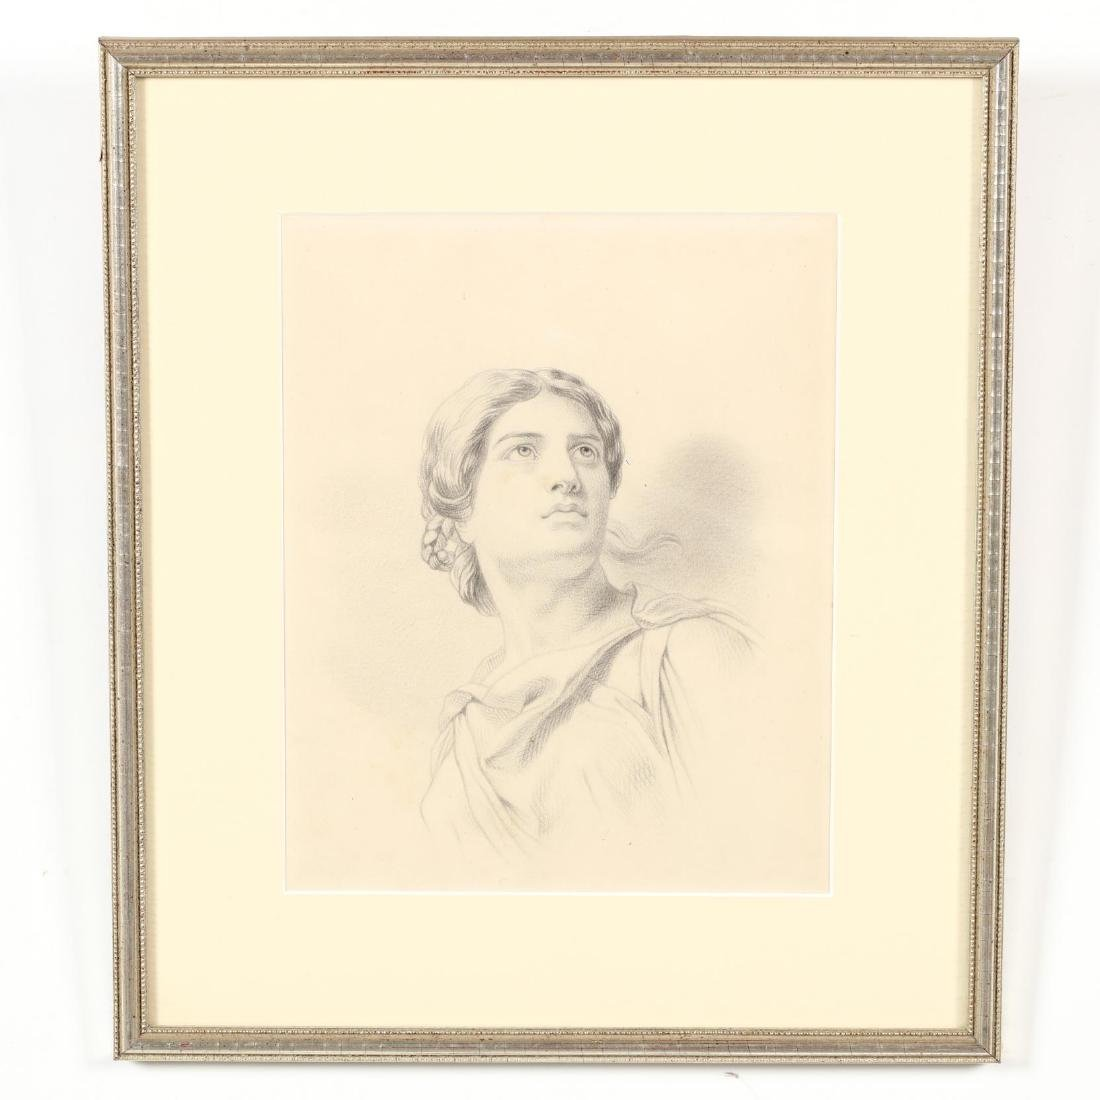 Peter Calvi, Jr. (NY, 1860-1926), Five Sketches of - 6